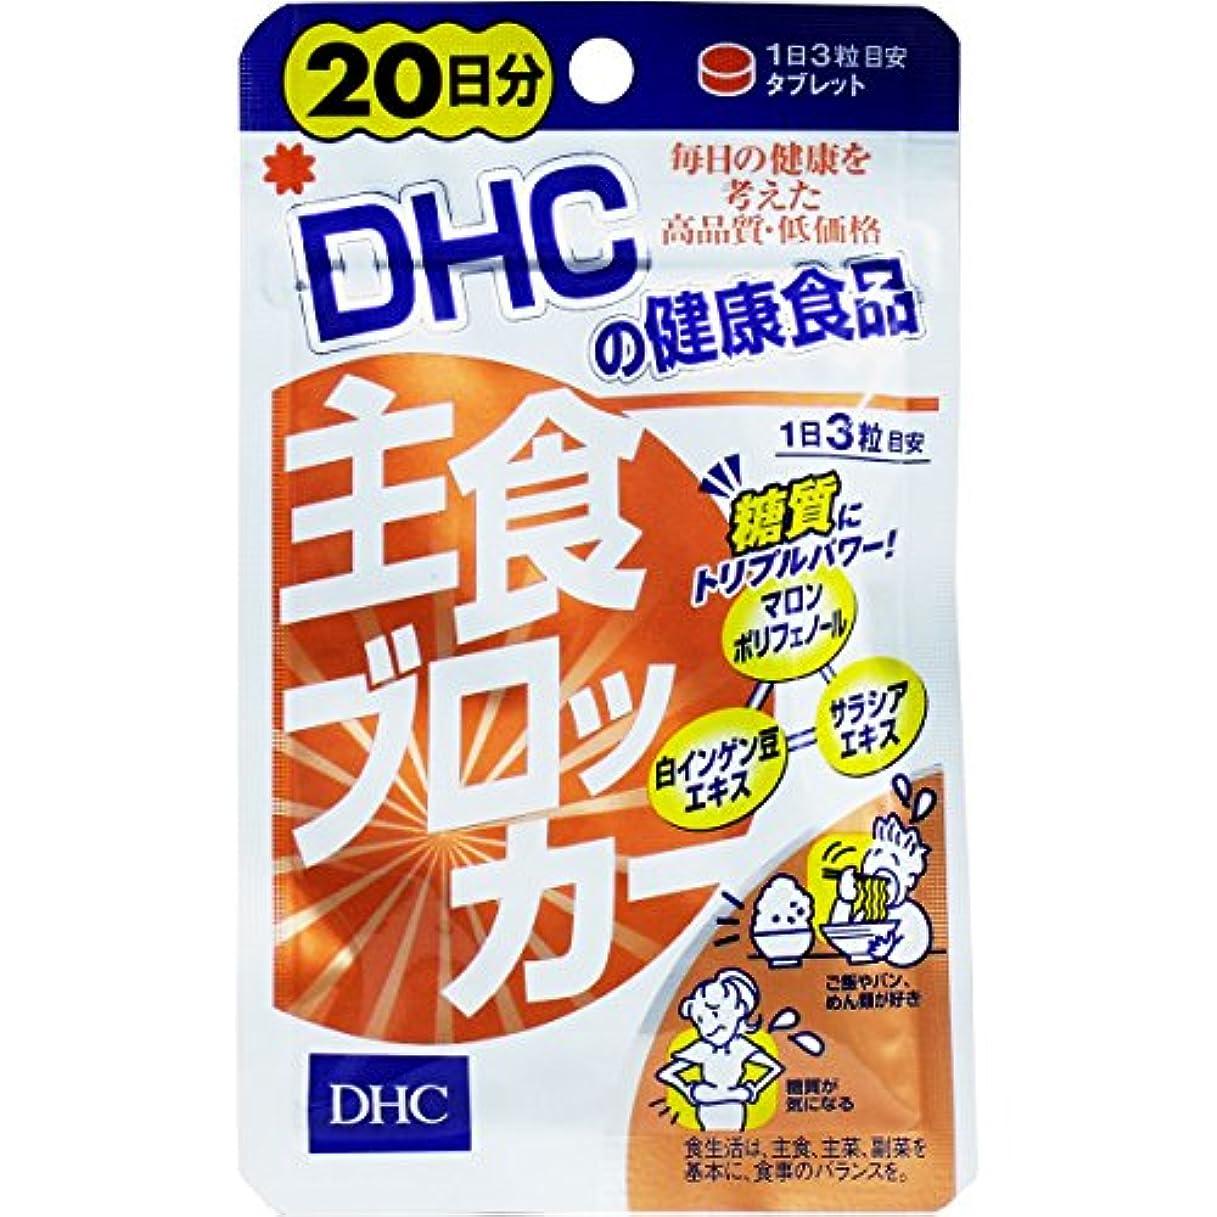 形式図書館若さDHC 主食ブロッカー 20日分 60粒(12g) ×5個セット